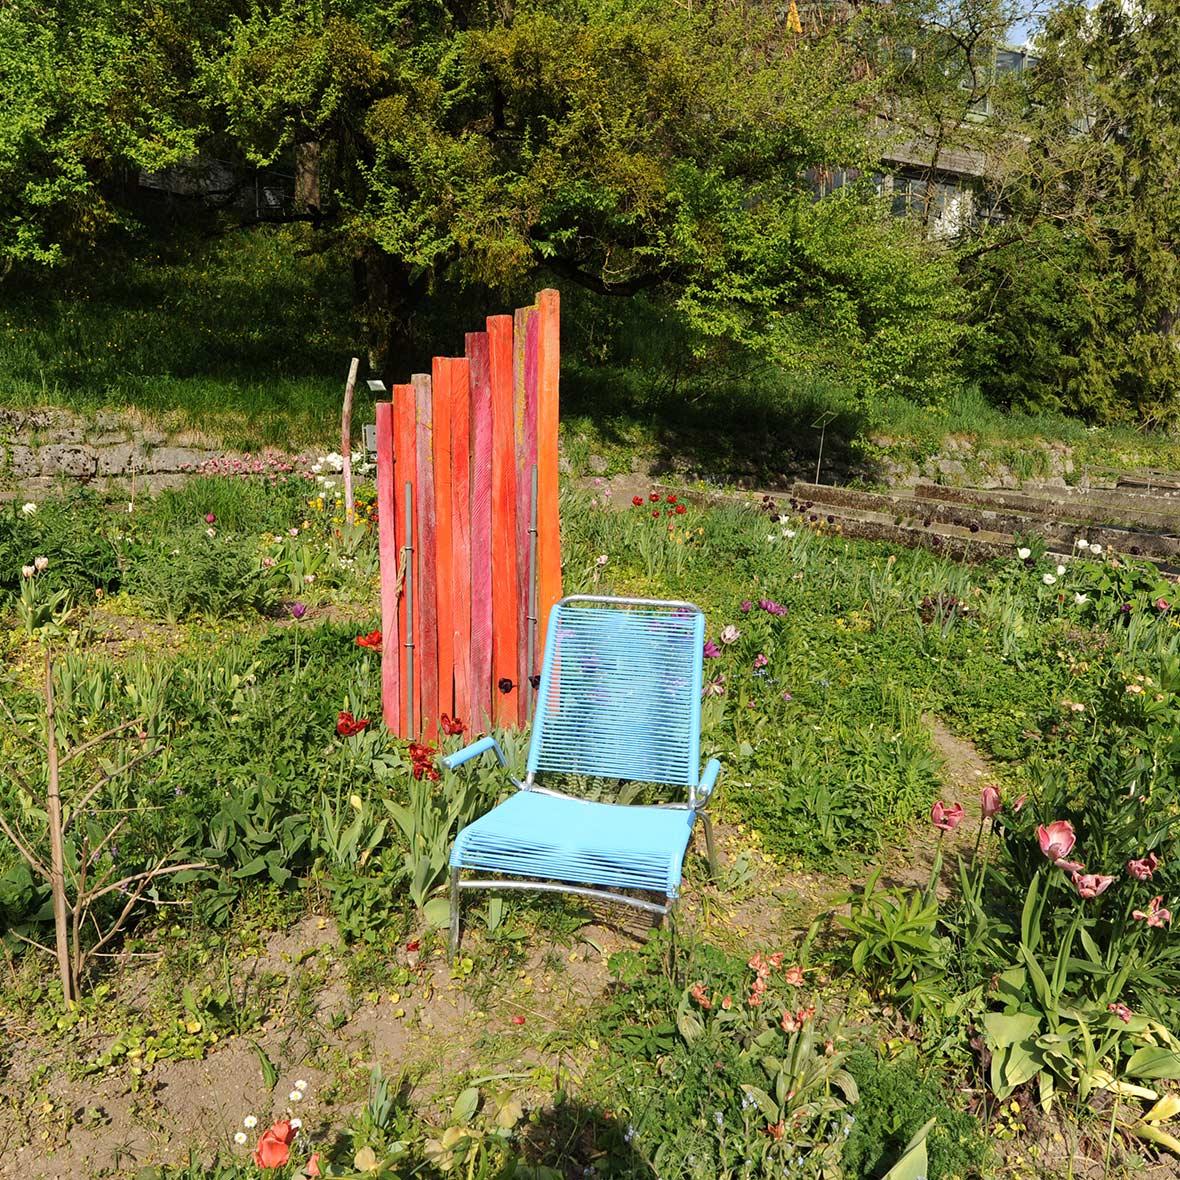 Altorfer Gartenstuhl Farbe Blau von Embru